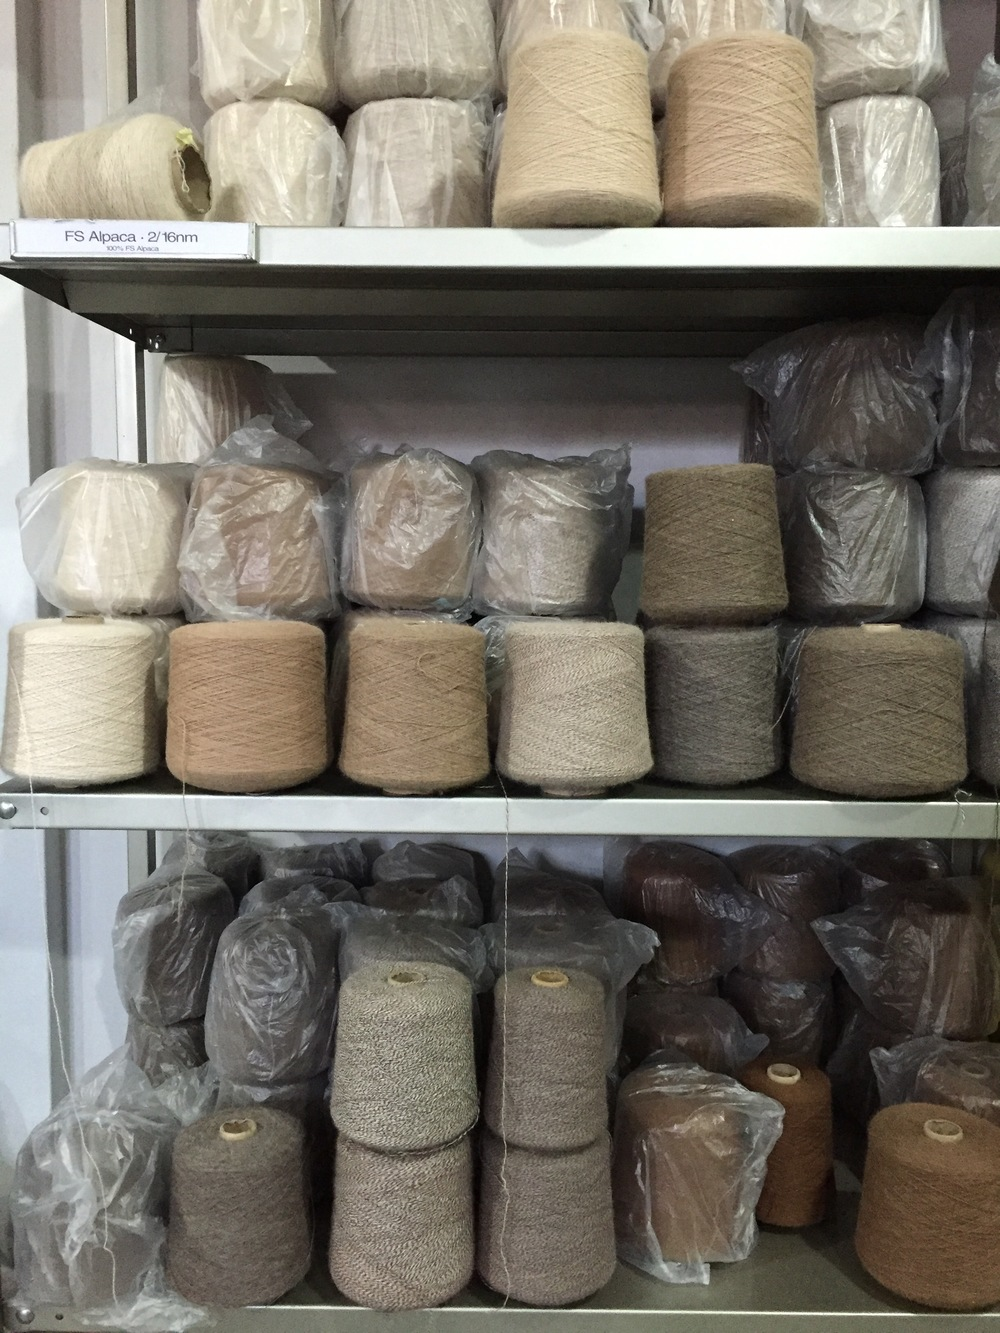 Alpakka finnes ifølge Wikipedia i hele 22 naturfarger. Lett å bli bergtatt i denne butikken.